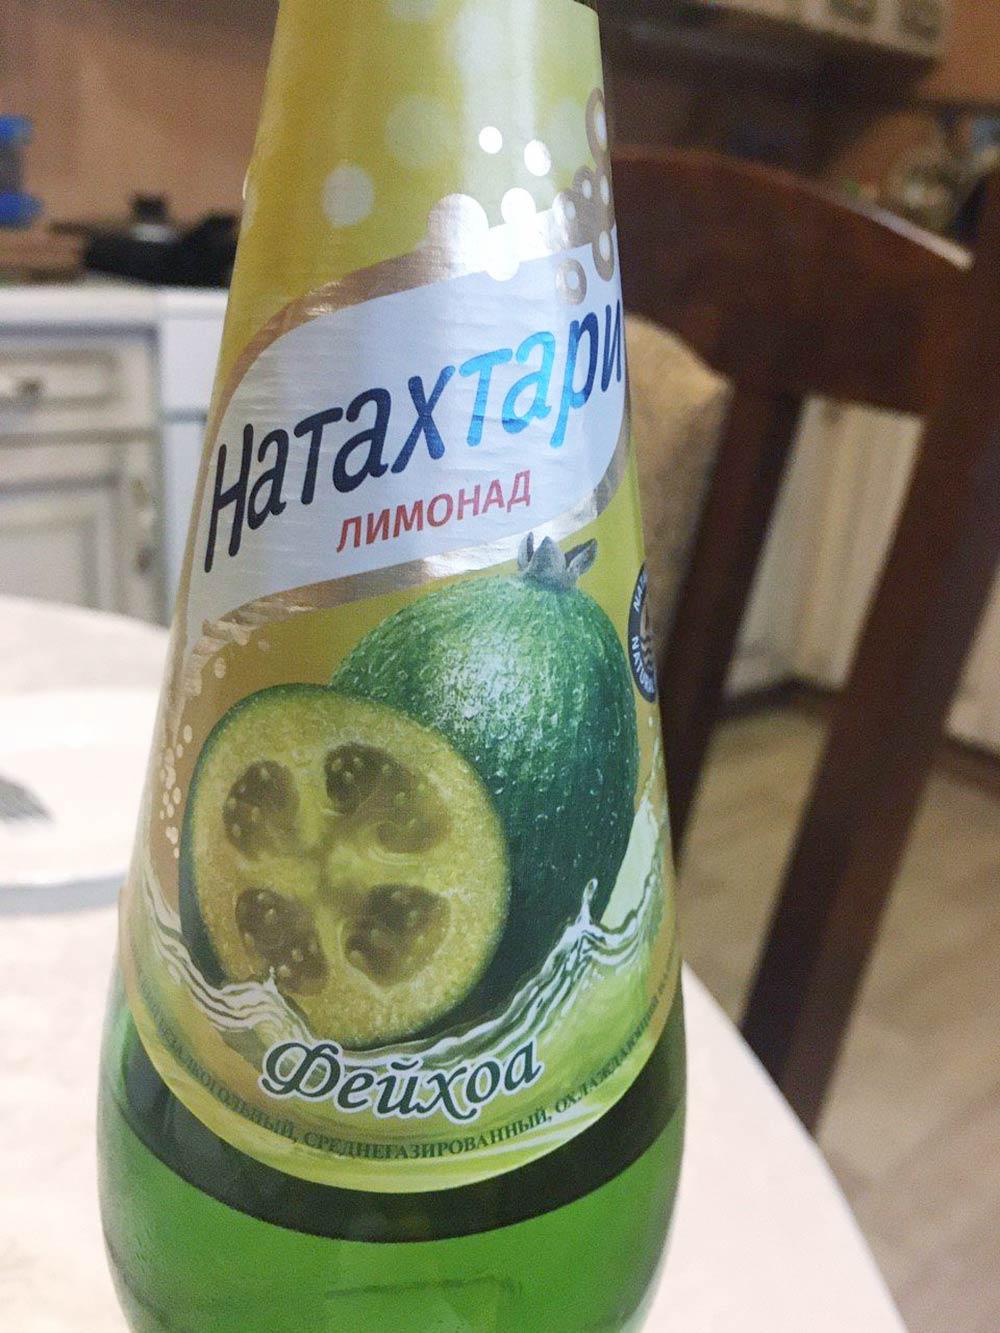 Мой любимый лимонад с фейхоа. Попробовала его первый раз в Грузии в прошлом году